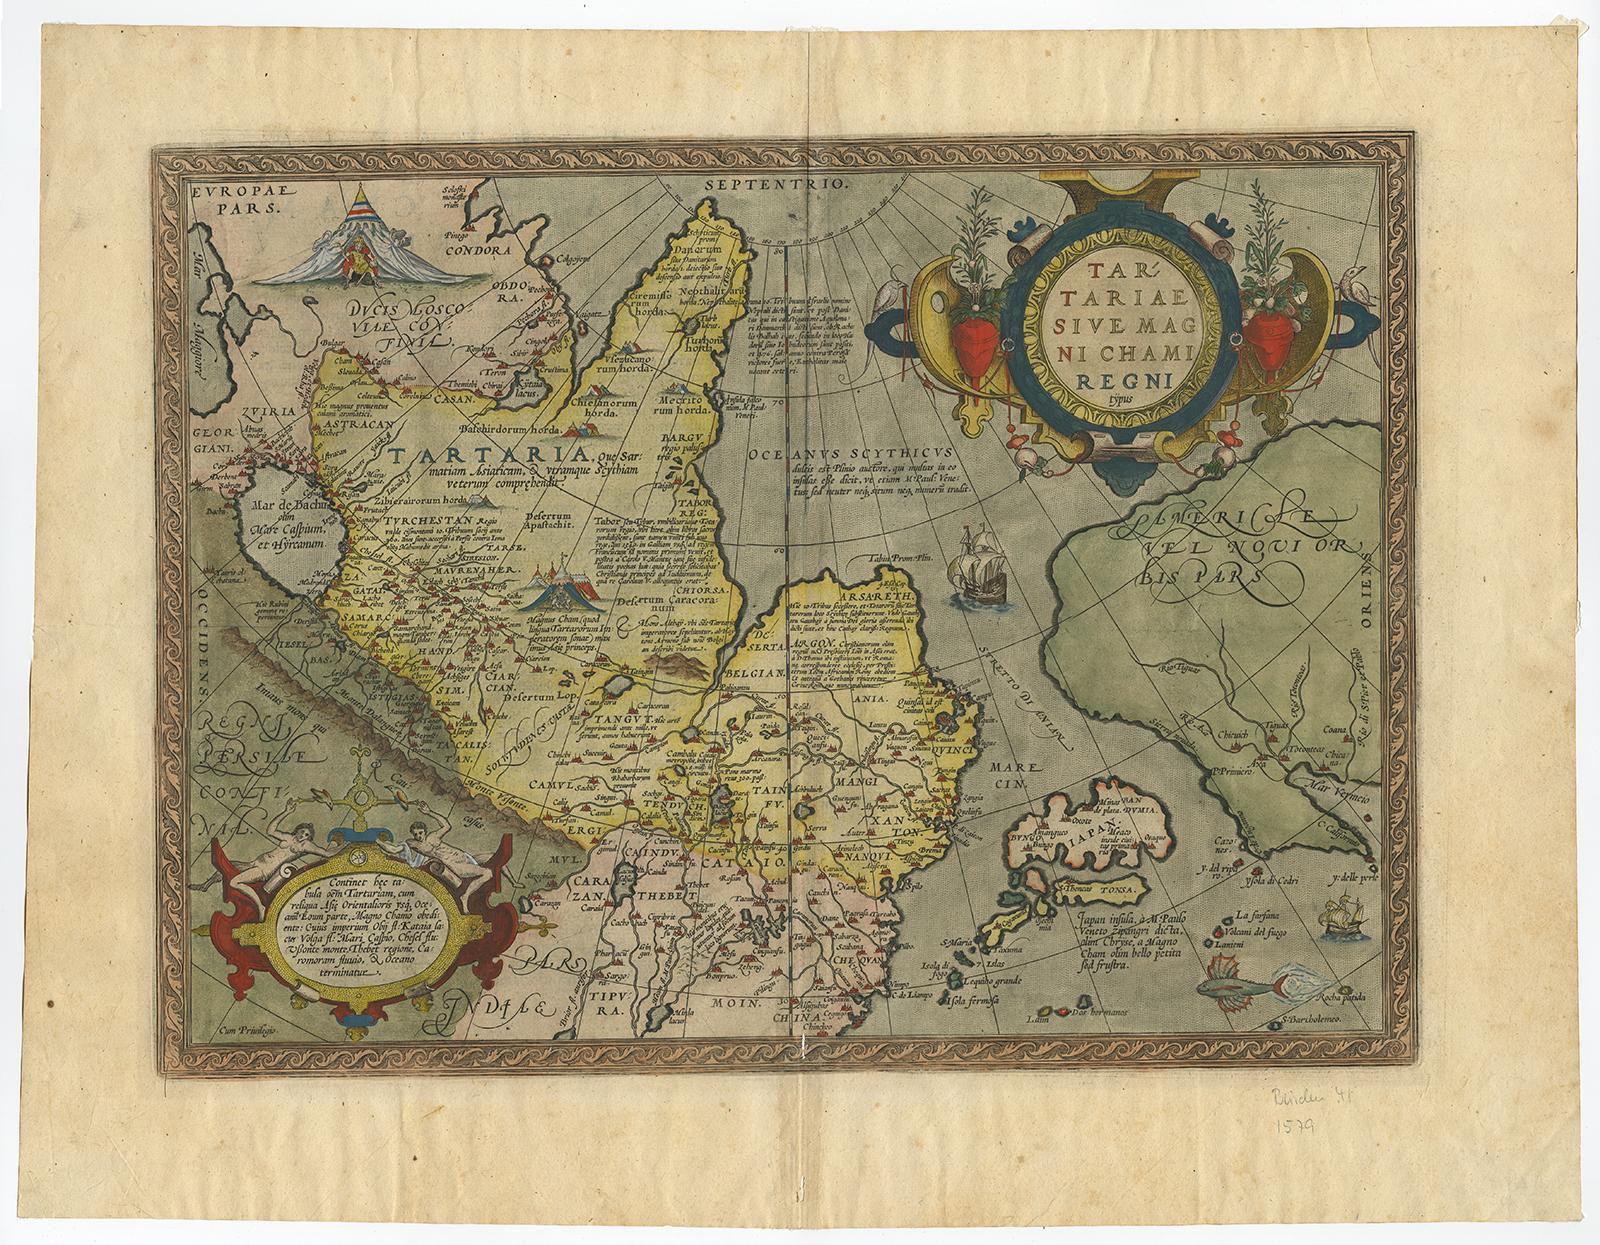 Antique Print-TARTARIAE-ASIA-JAPAN-TARTARY-NORTH AMERICA-Ortelius-c ...